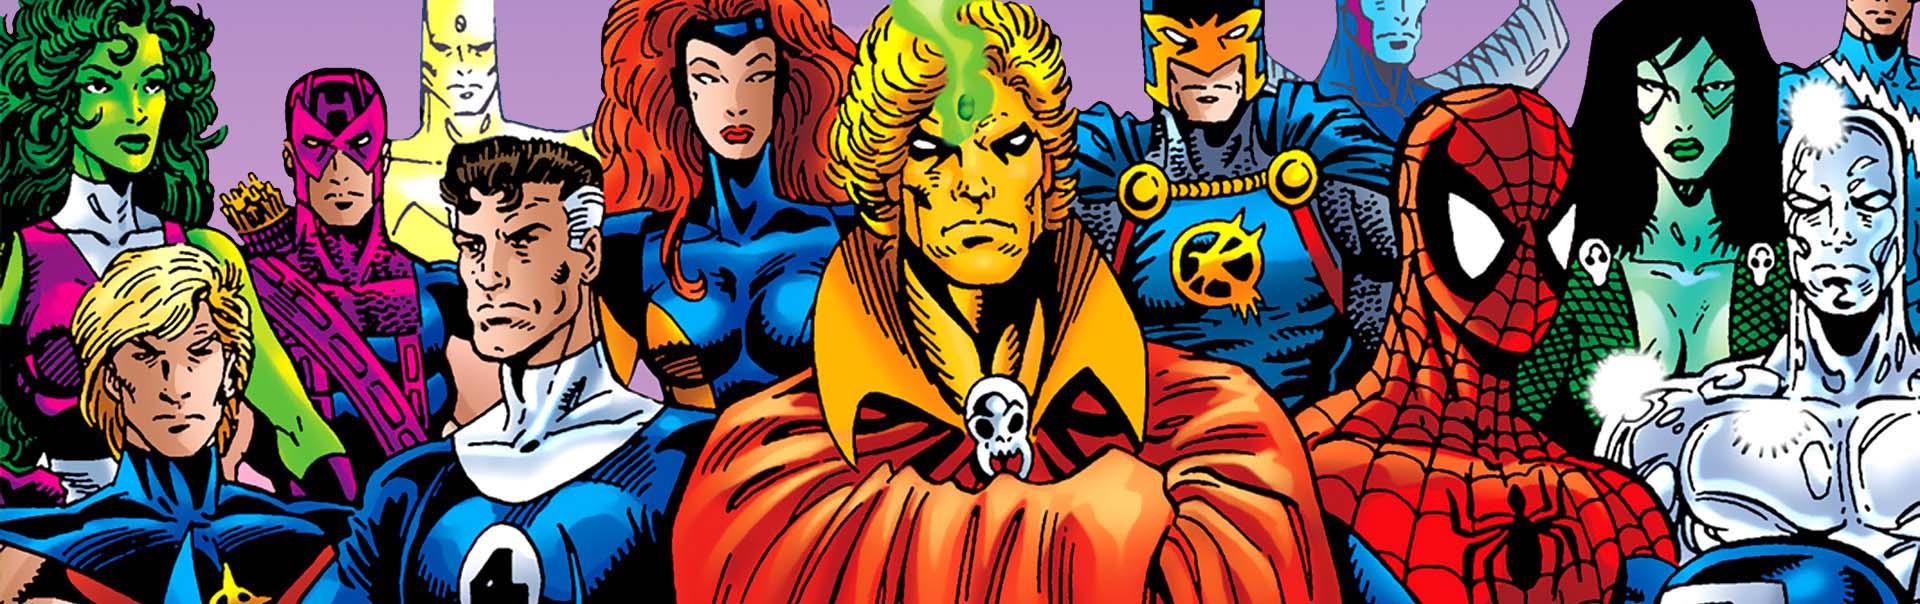 top 100 marvel comics 100-91